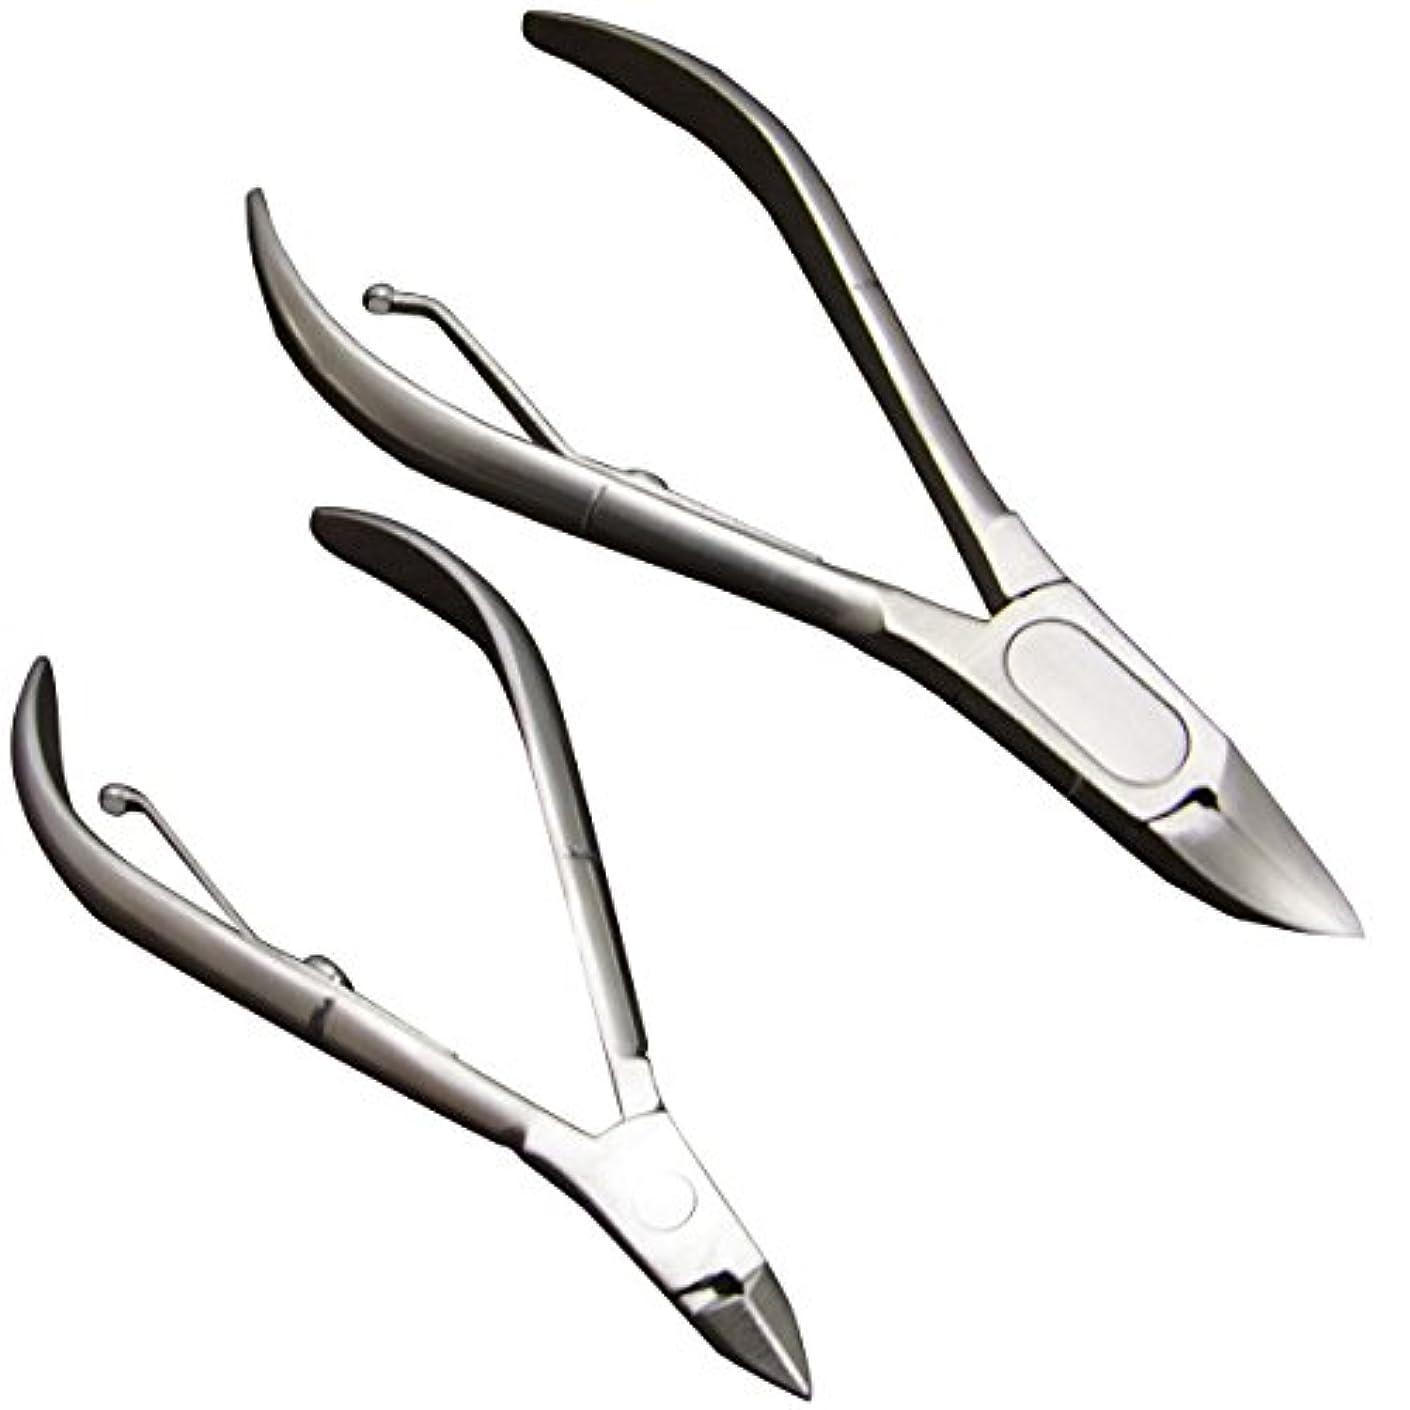 オーク道を作るシンボル「爪切り 大小2本セット」ネイルニッパー ステンレス製 割れ爪 巻き爪 陥入爪 2枚爪 厚い爪 足用 ささくれ 左右両用 ネイルケア 大小